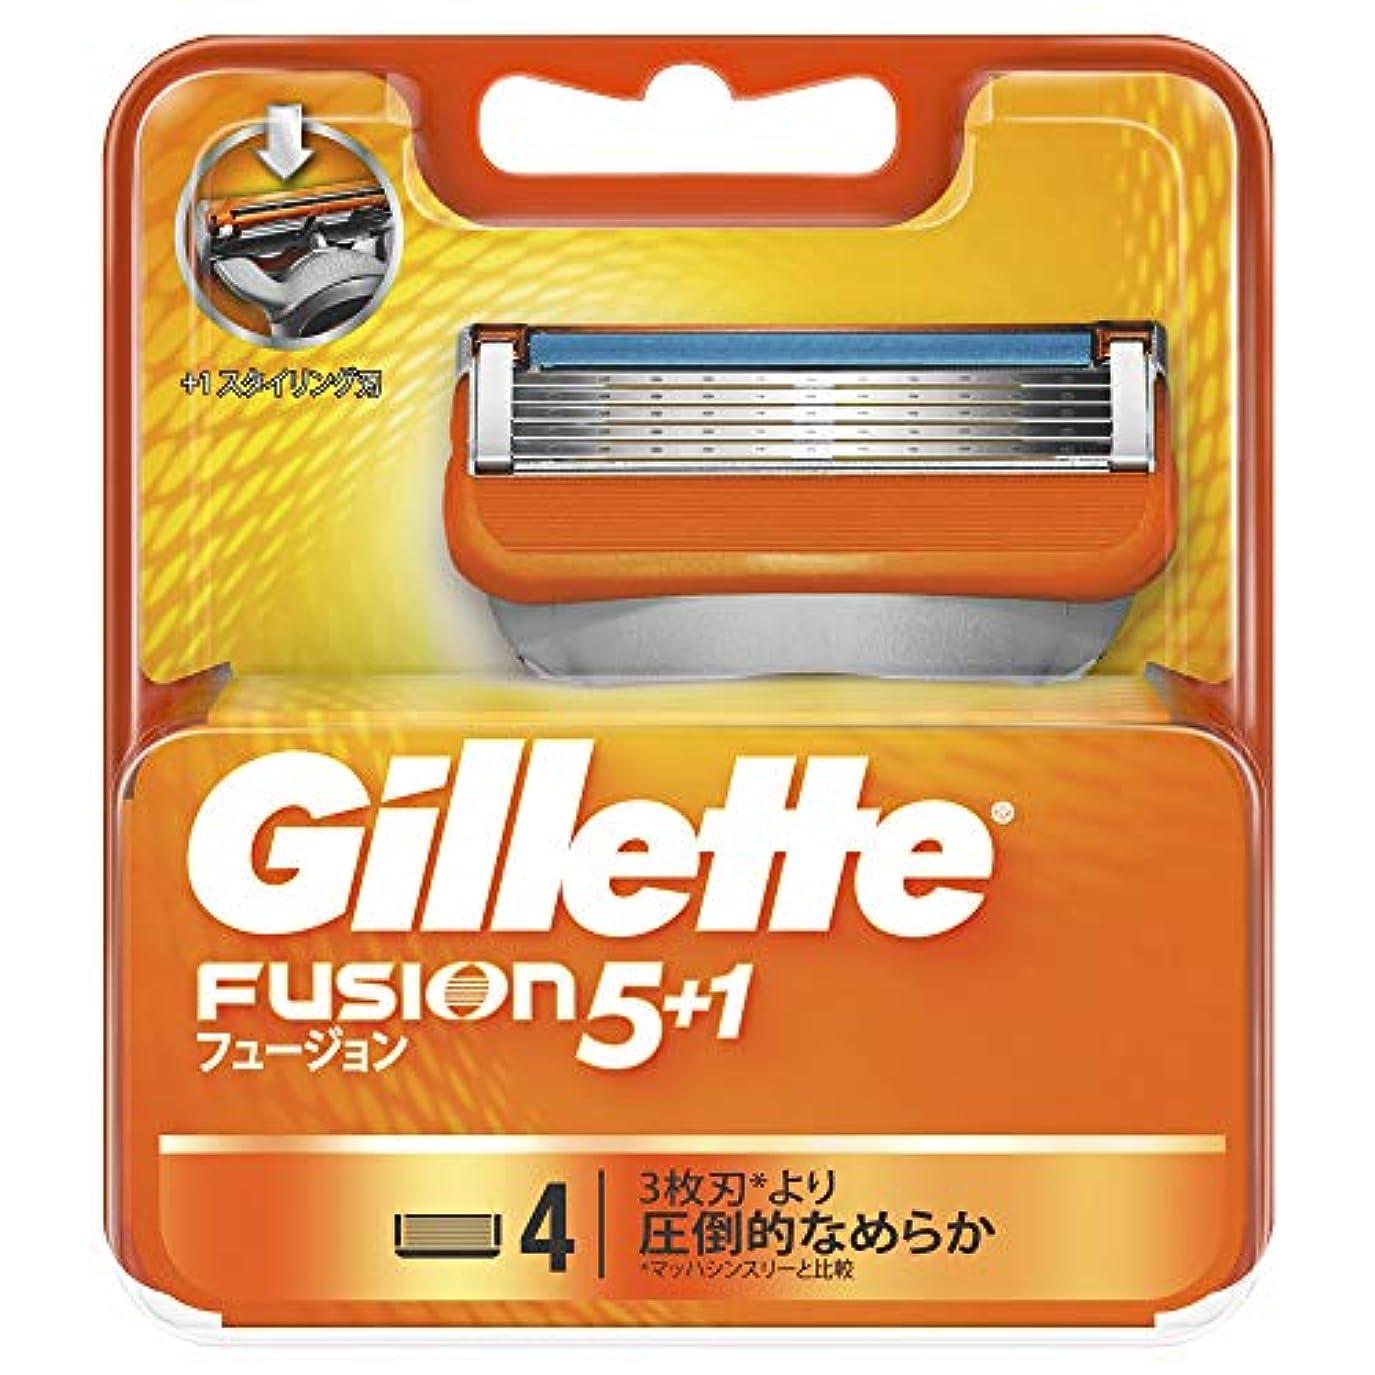 最後にブラインド封建ジレット フュージョン 5+1 替刃4個入